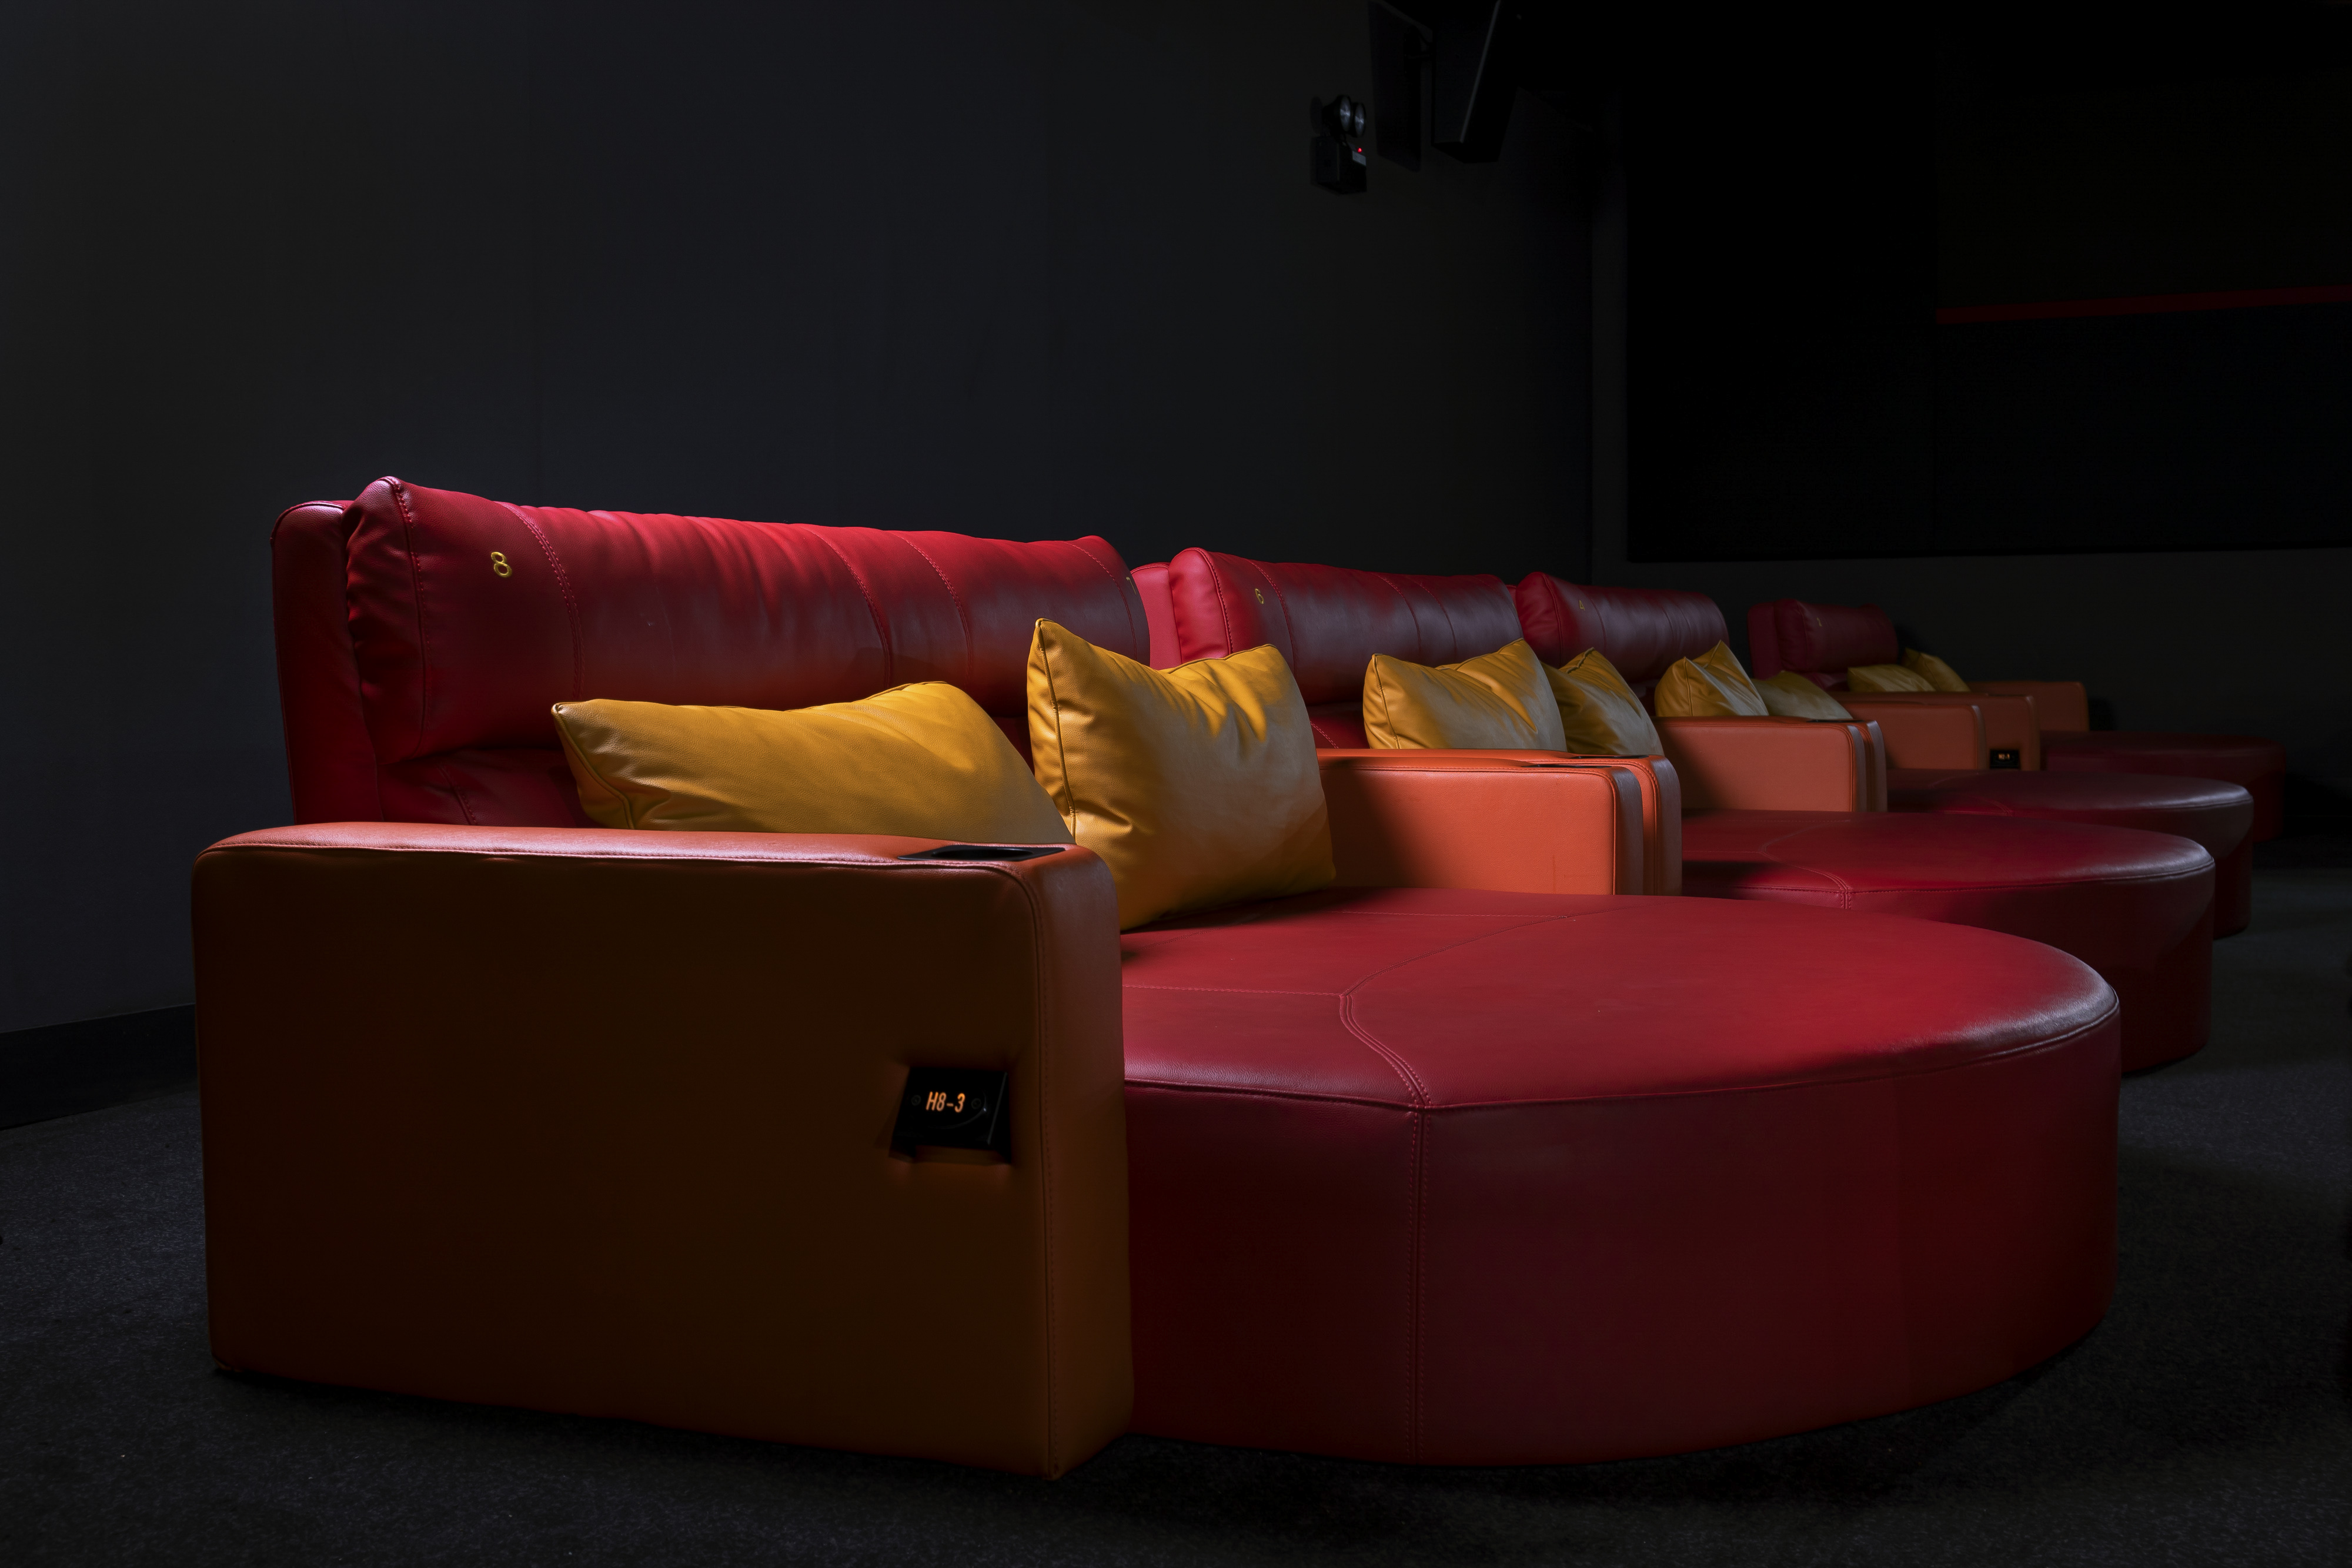 Image from TGV Cinemas